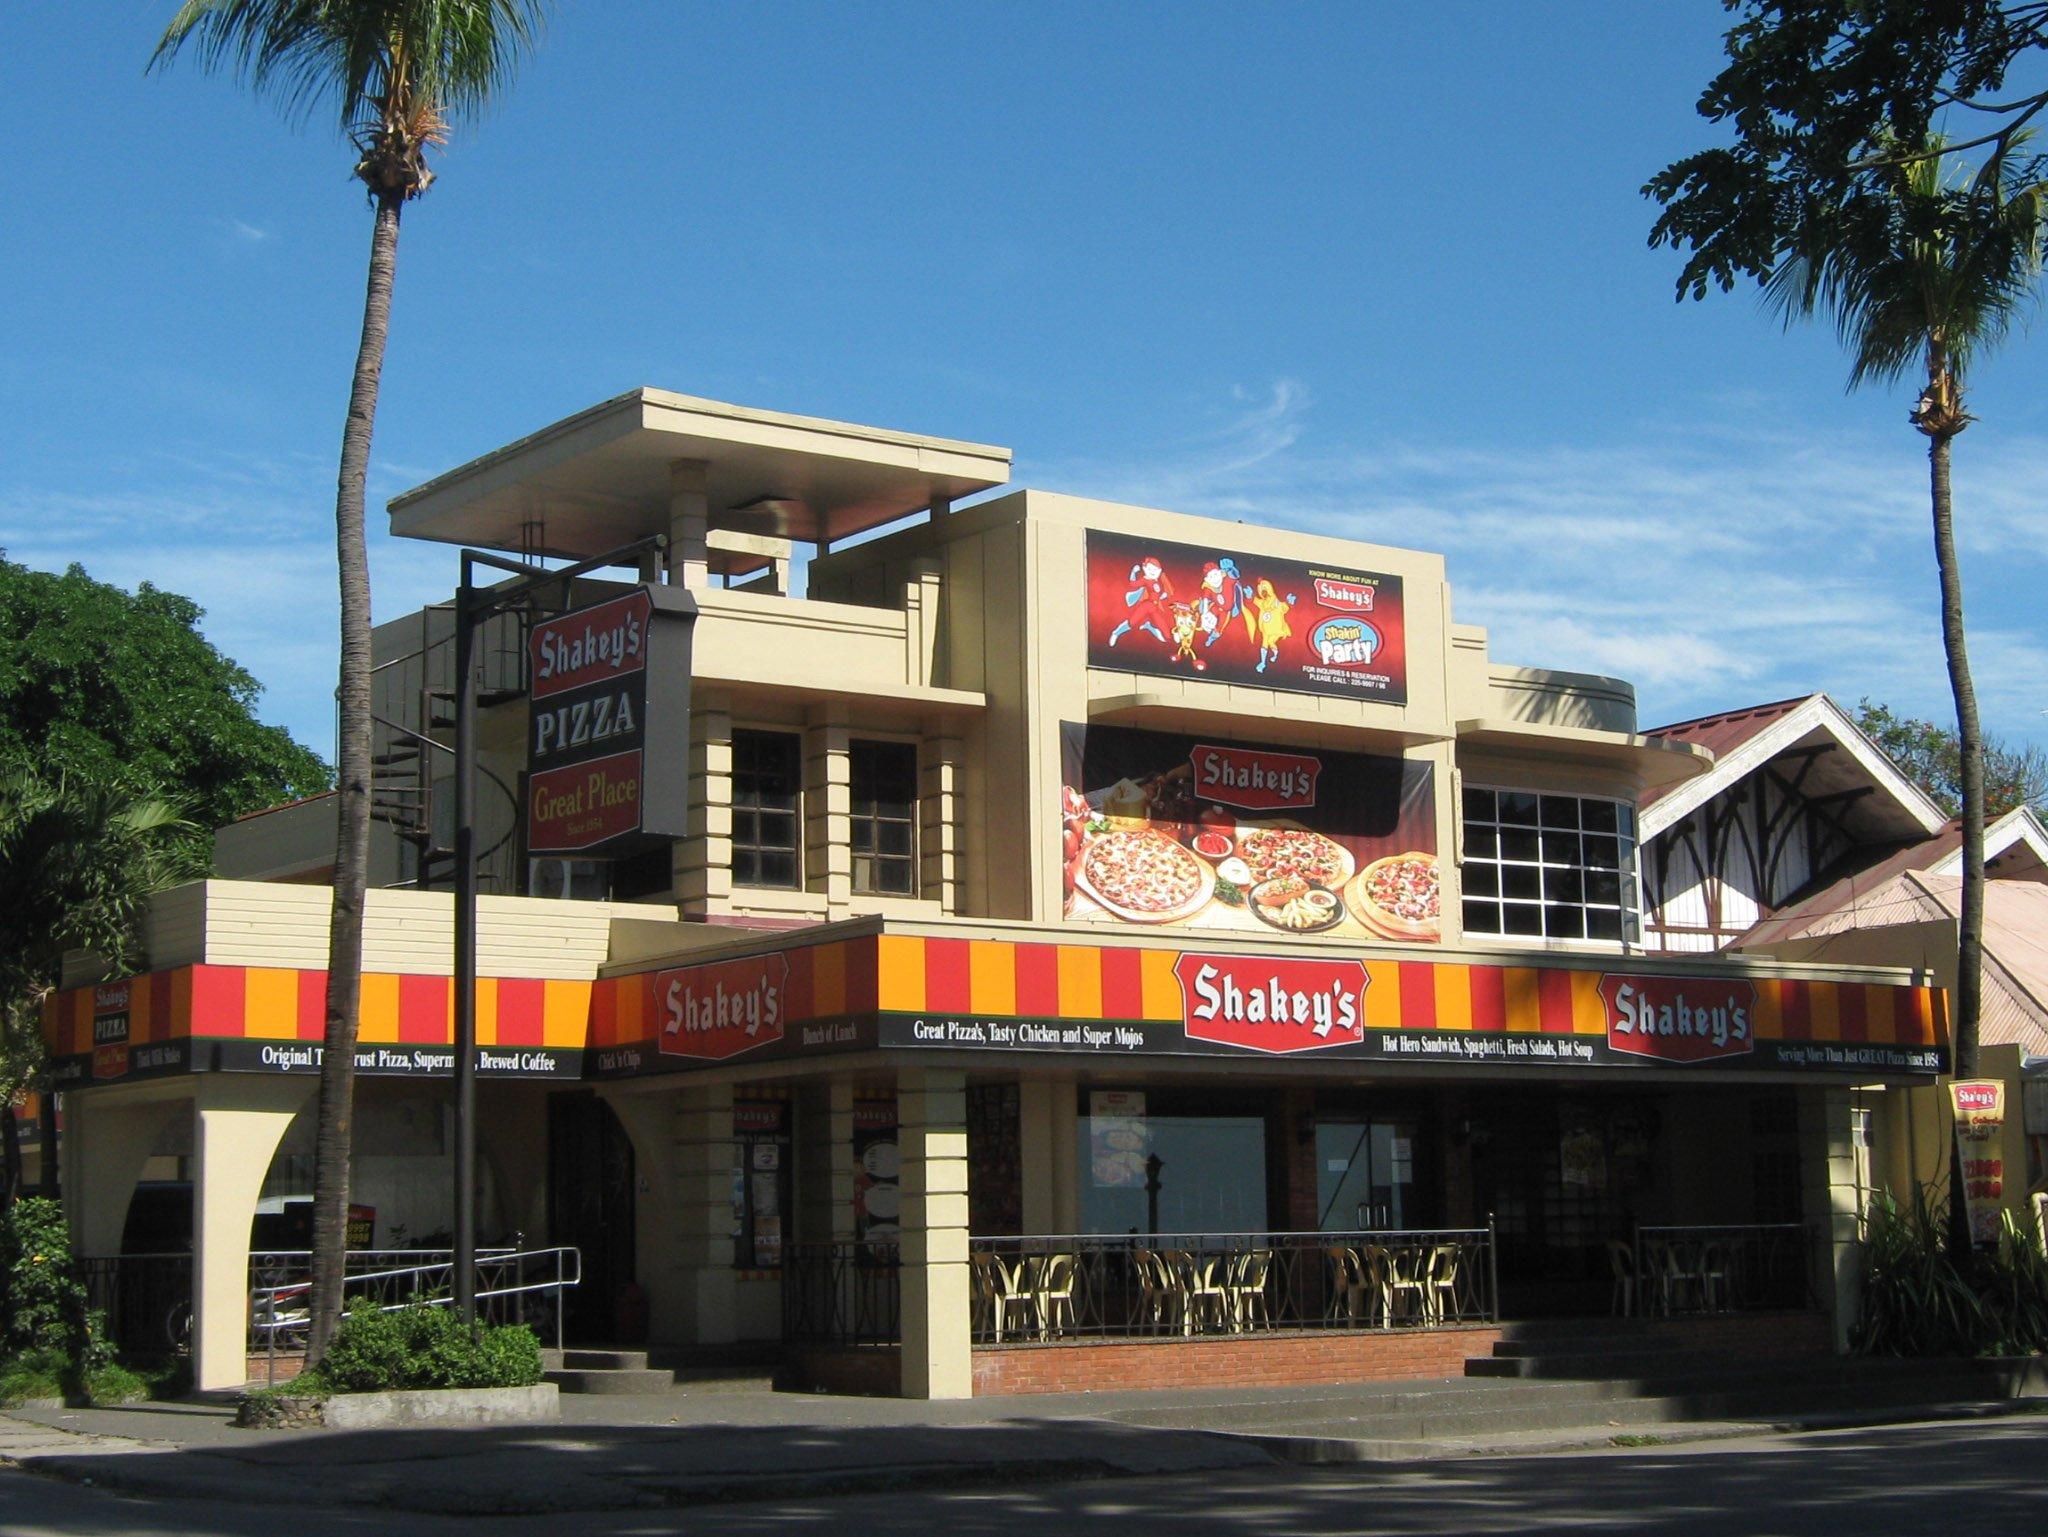 Shakeys_Pizza_restaurant_in_Dumaguete_City